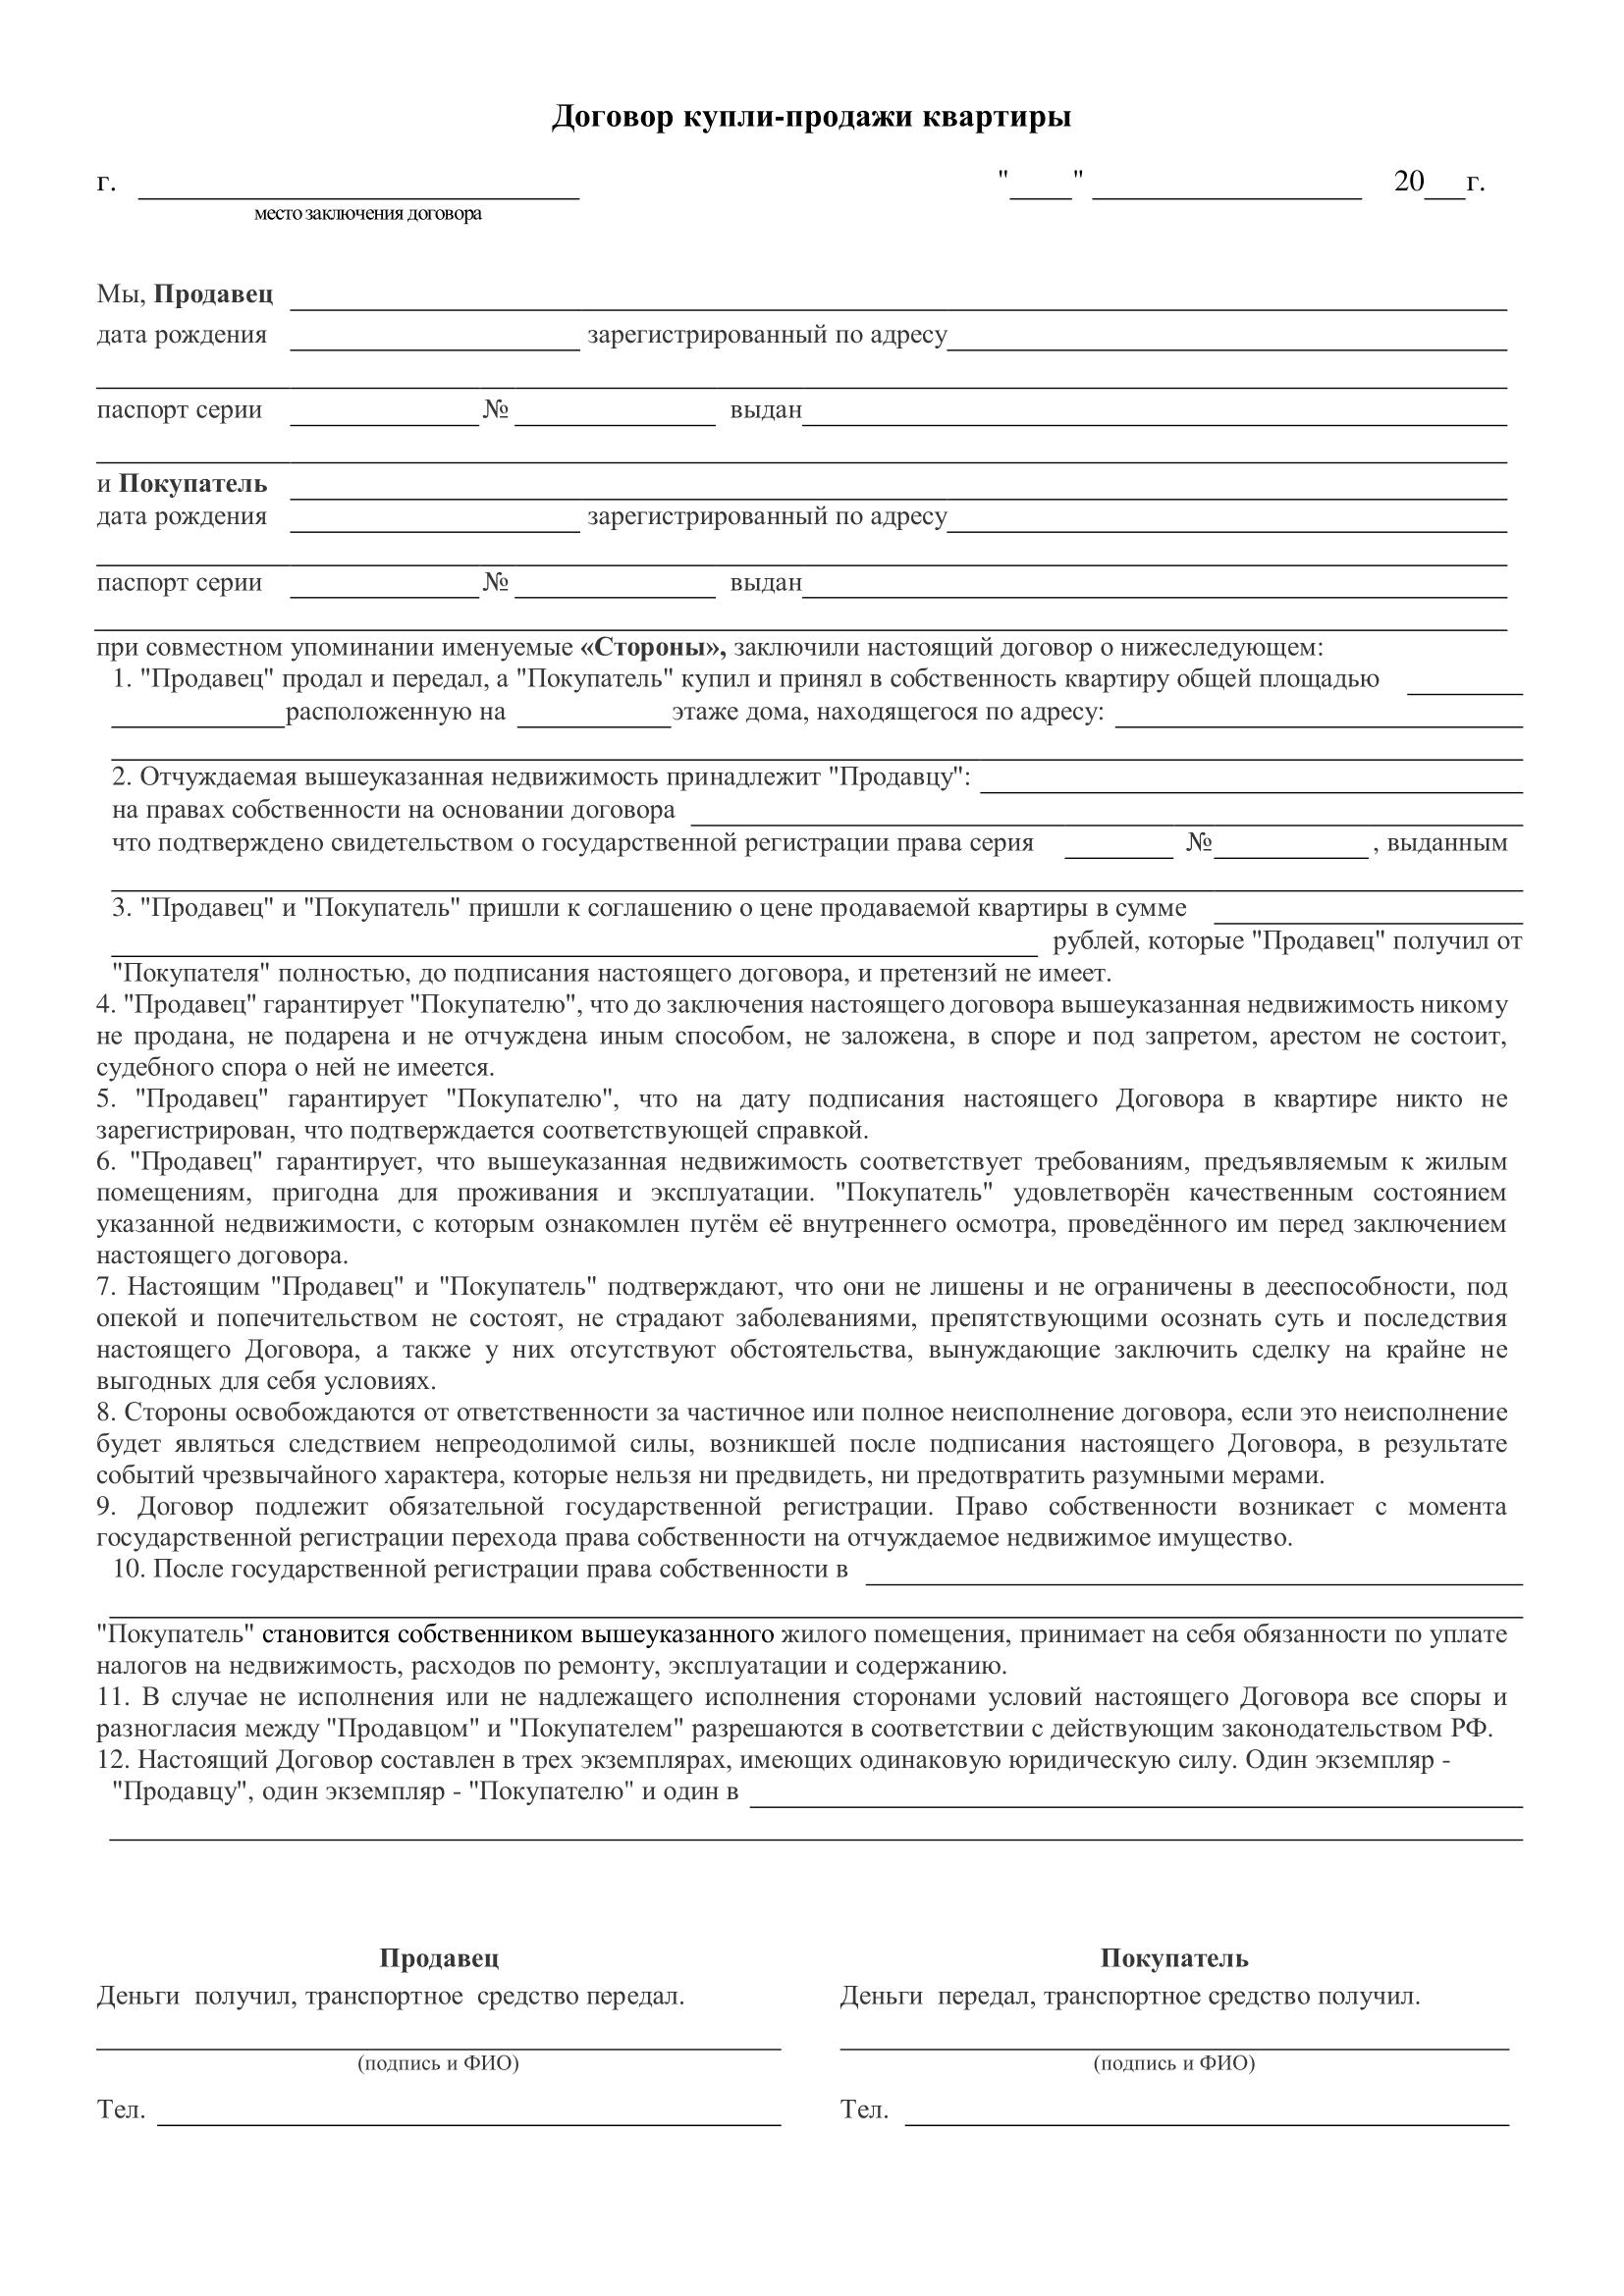 Договор купли-продажи квартиры (покупка квартиры в браке)